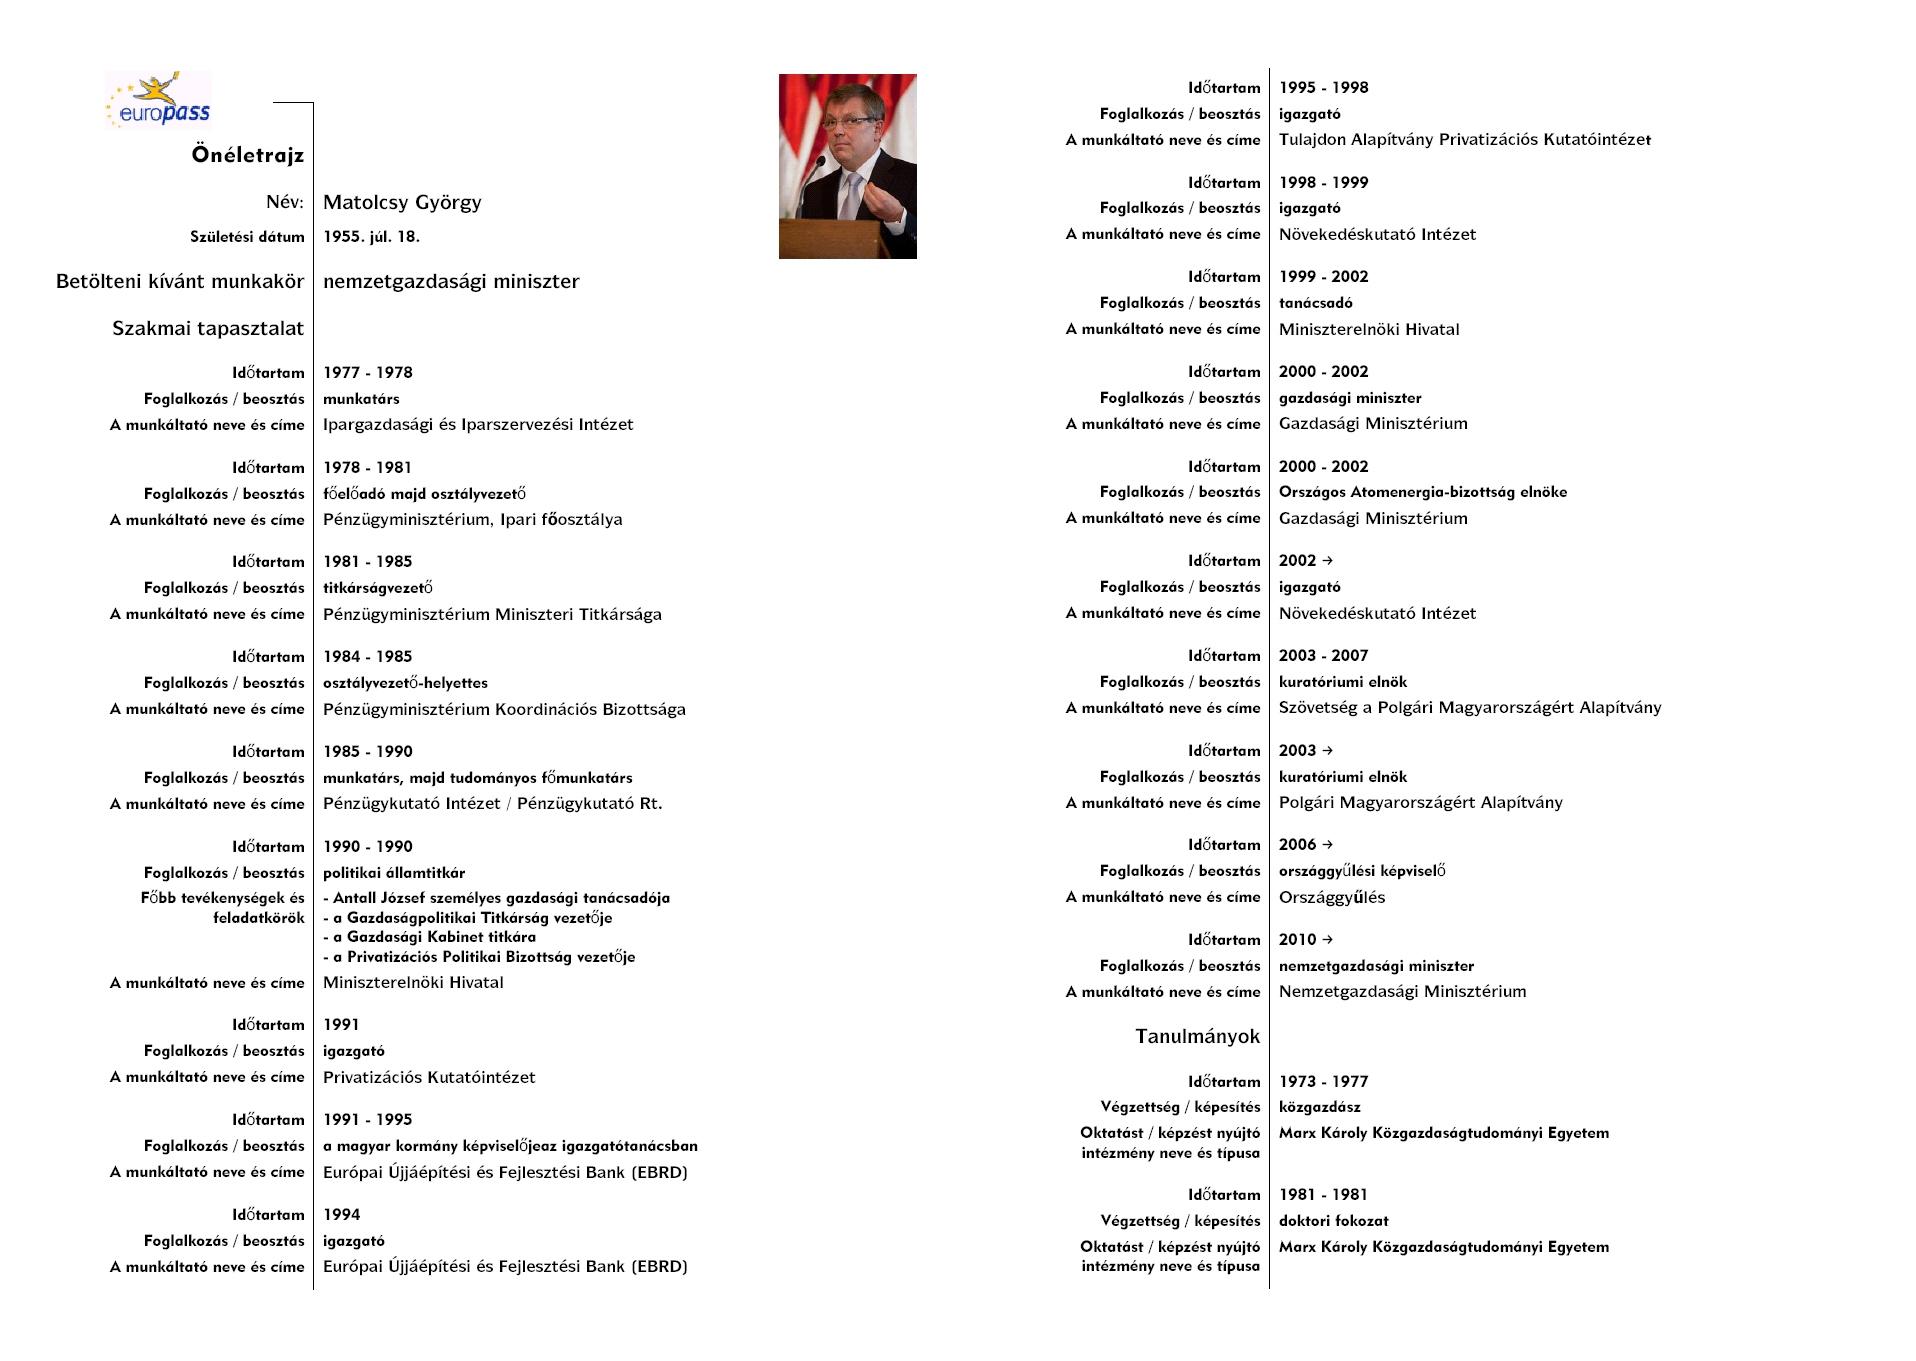 önéletrajz írás könyv 2013 | szendamondja | 28 oldal önéletrajz írás könyv